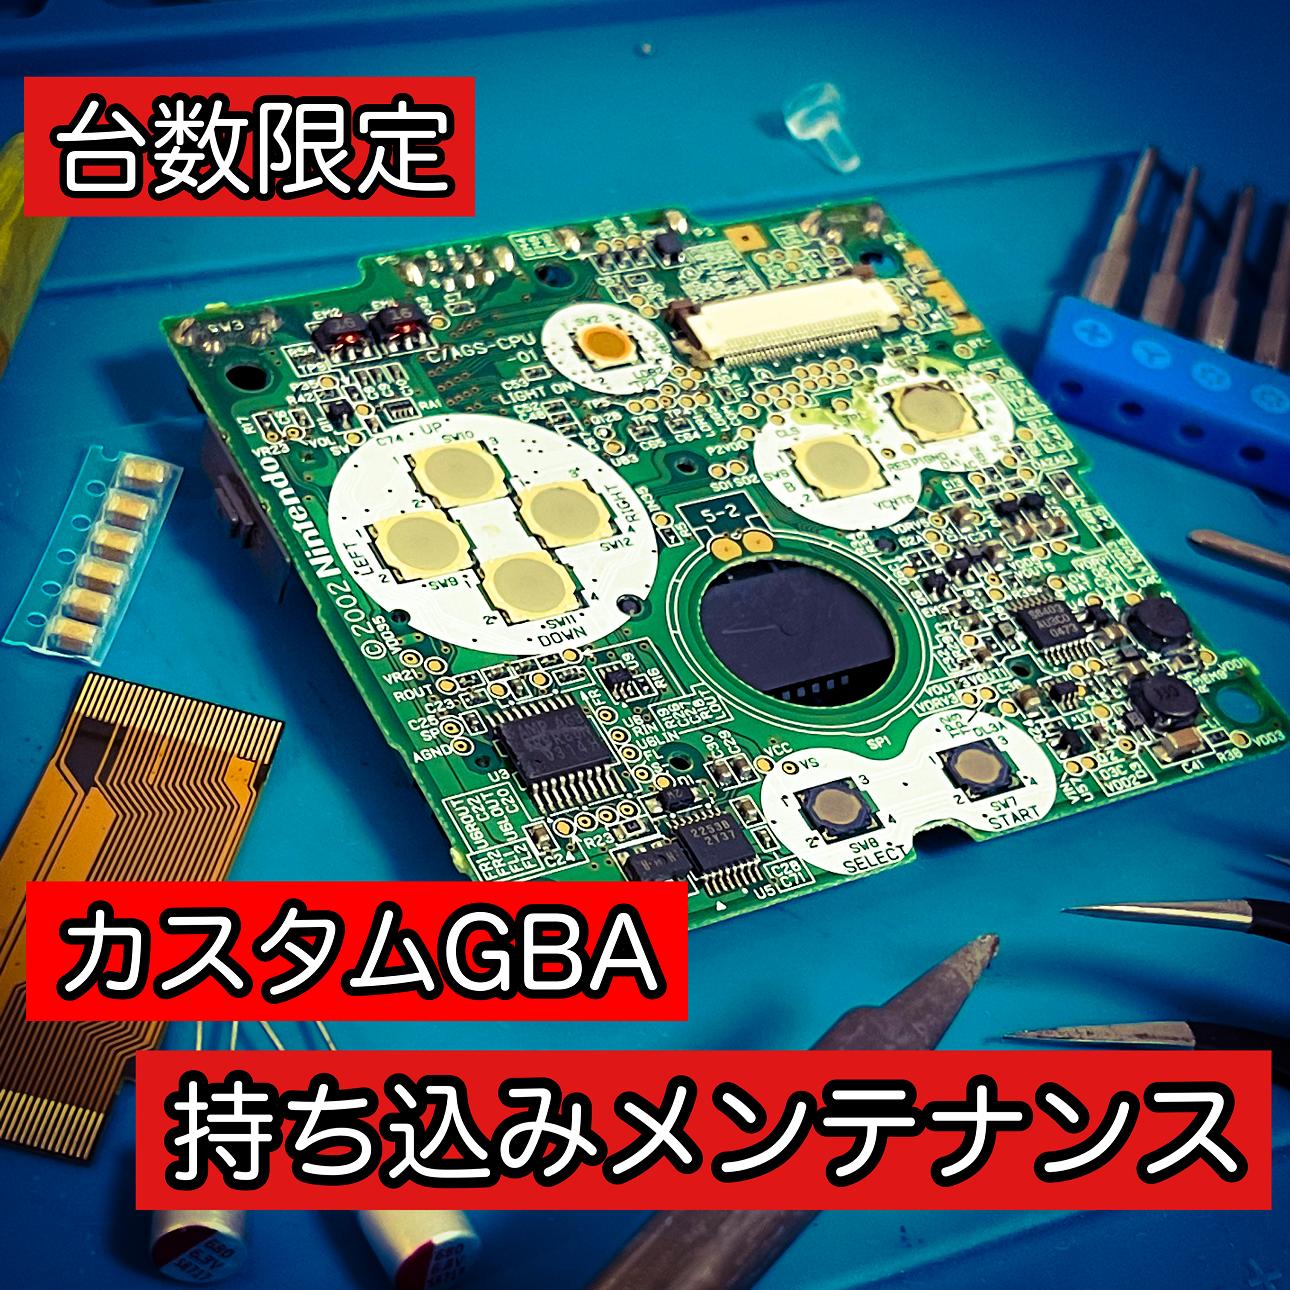 【台数限定】カスタムGBA 持ち込みメンテナンス受付